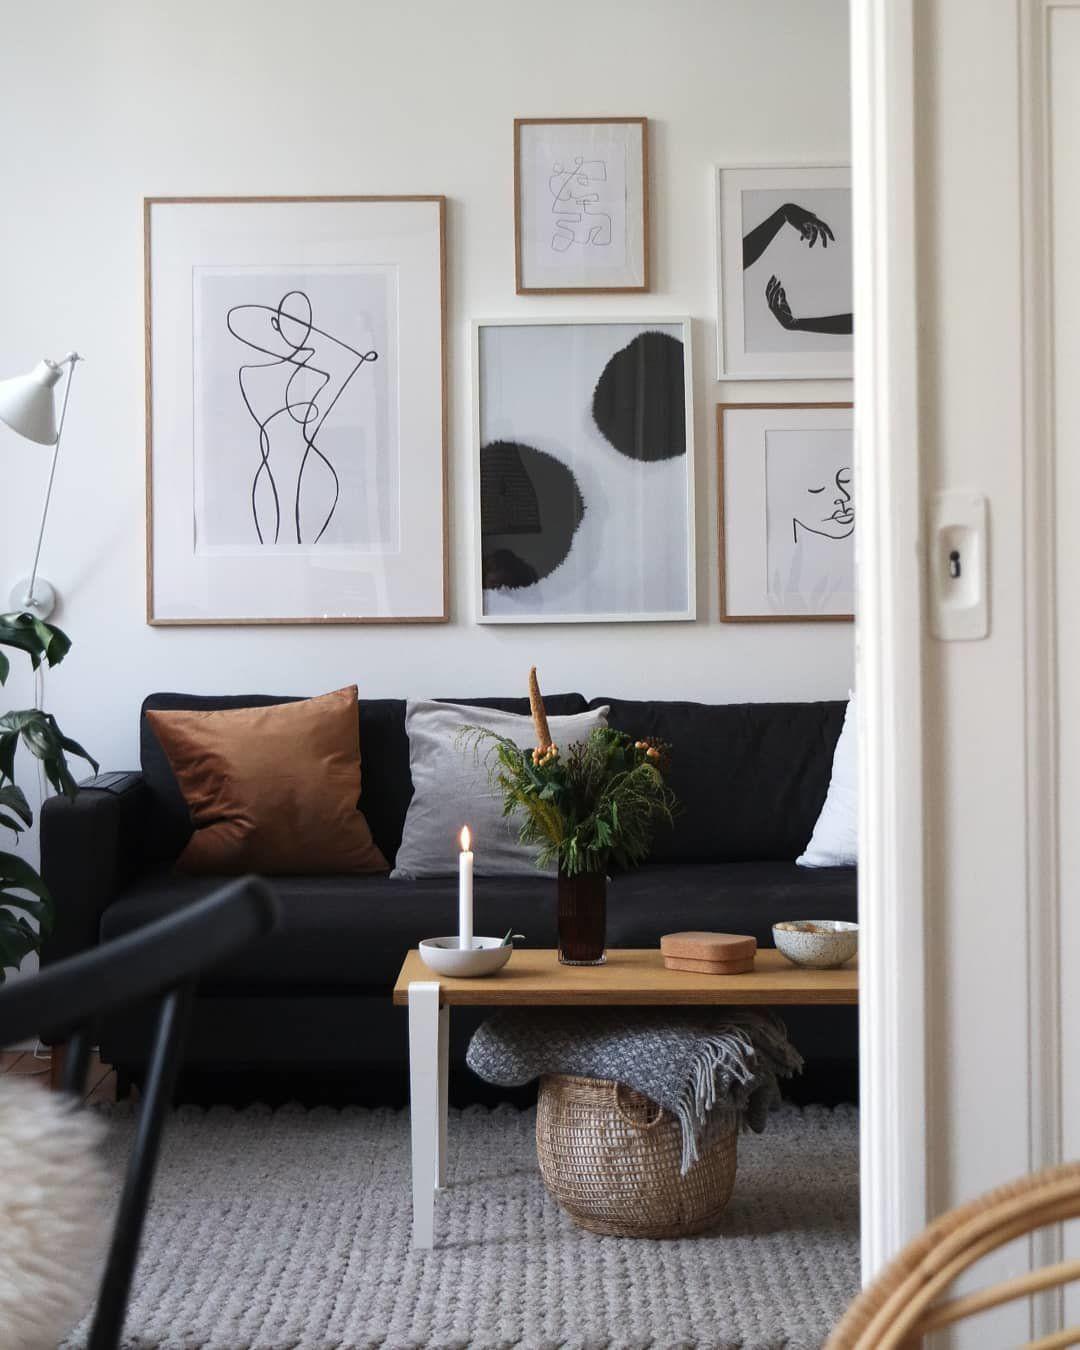 bilder aufh ngen die besten tipps tricks und inspirationen seite 7. Black Bedroom Furniture Sets. Home Design Ideas